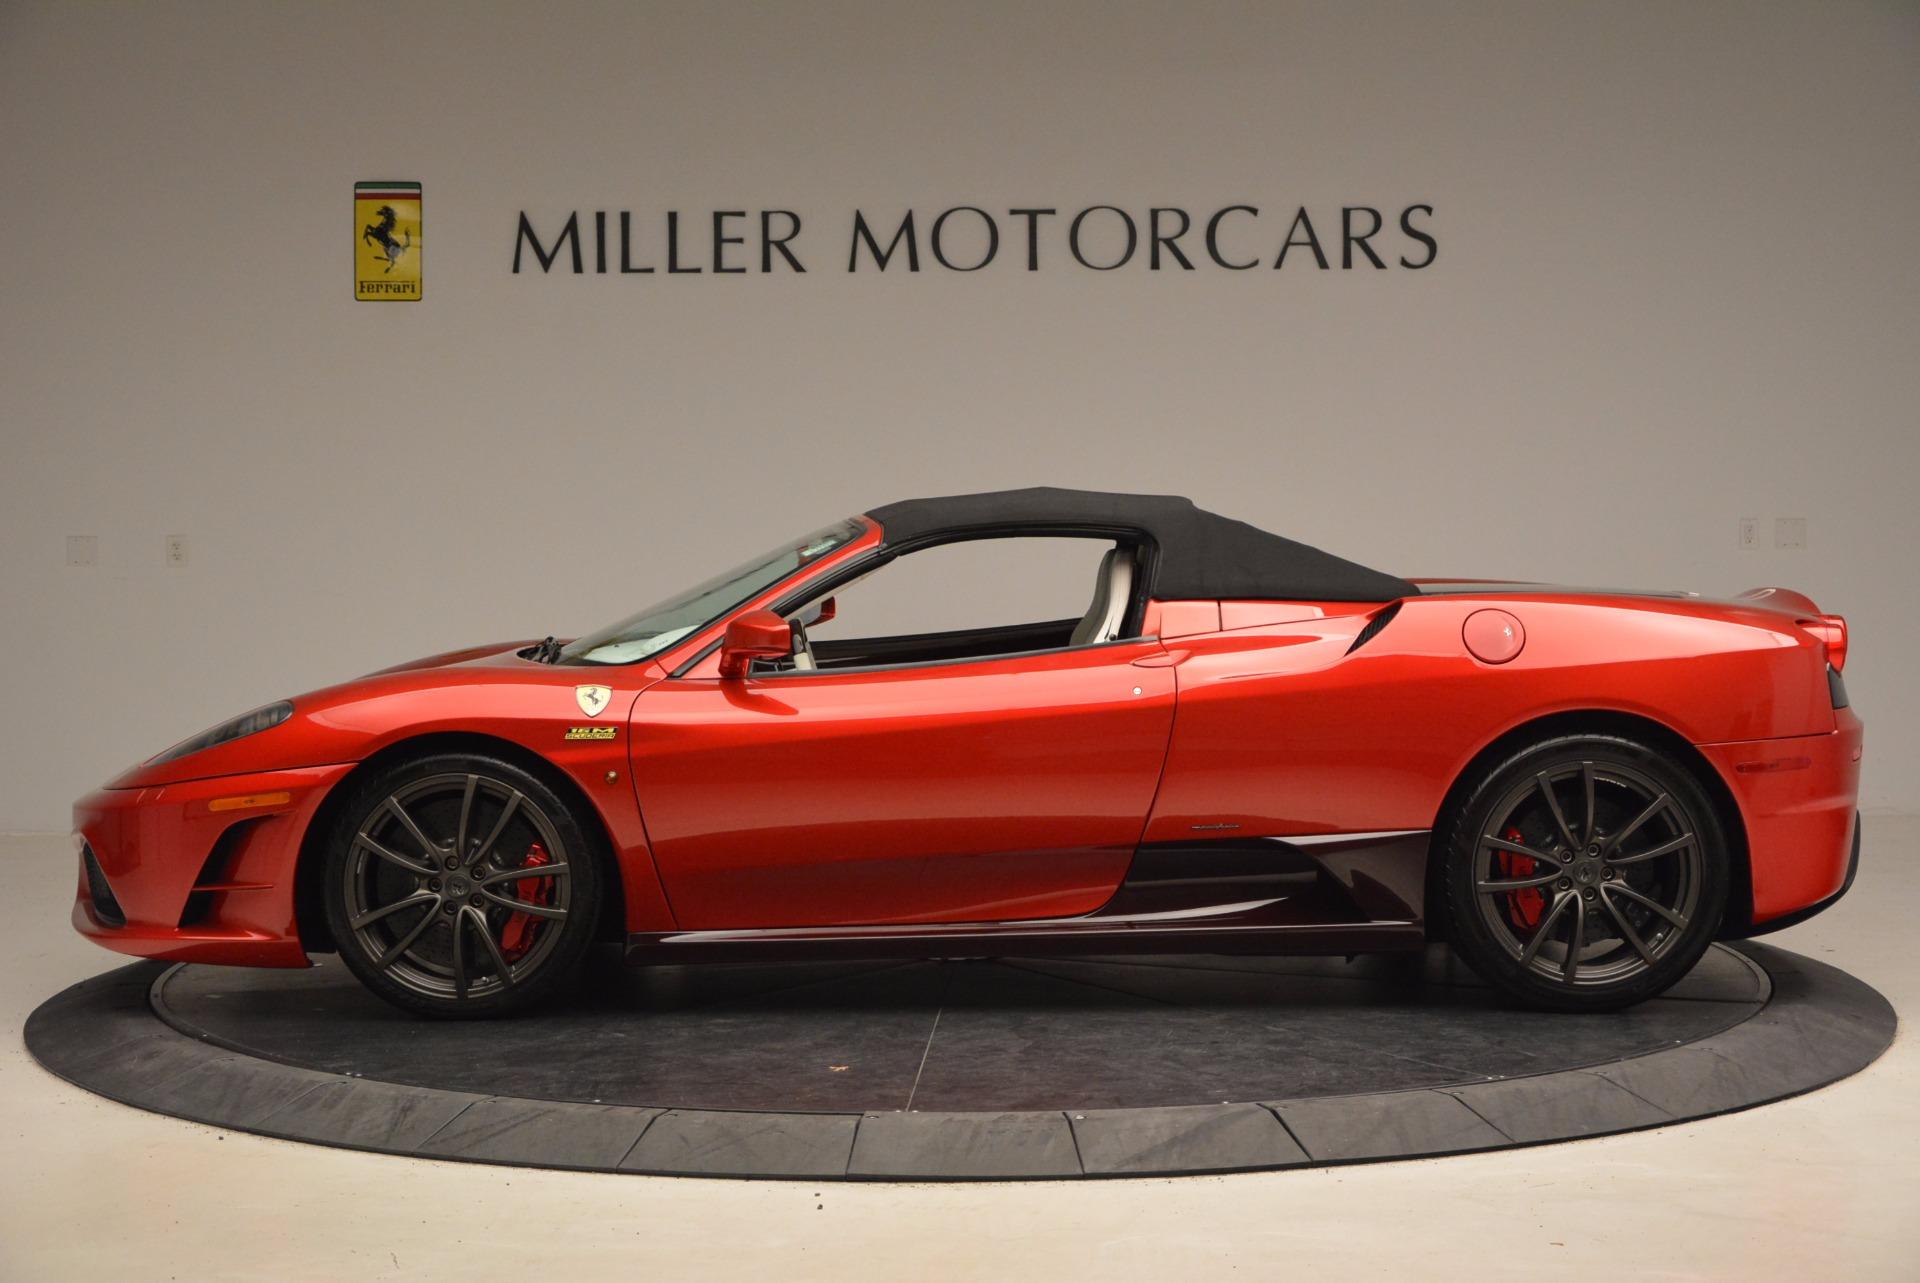 Used 2009 Ferrari F430 Scuderia 16M For Sale In Greenwich, CT. Alfa Romeo of Greenwich, 4404 1398_p15